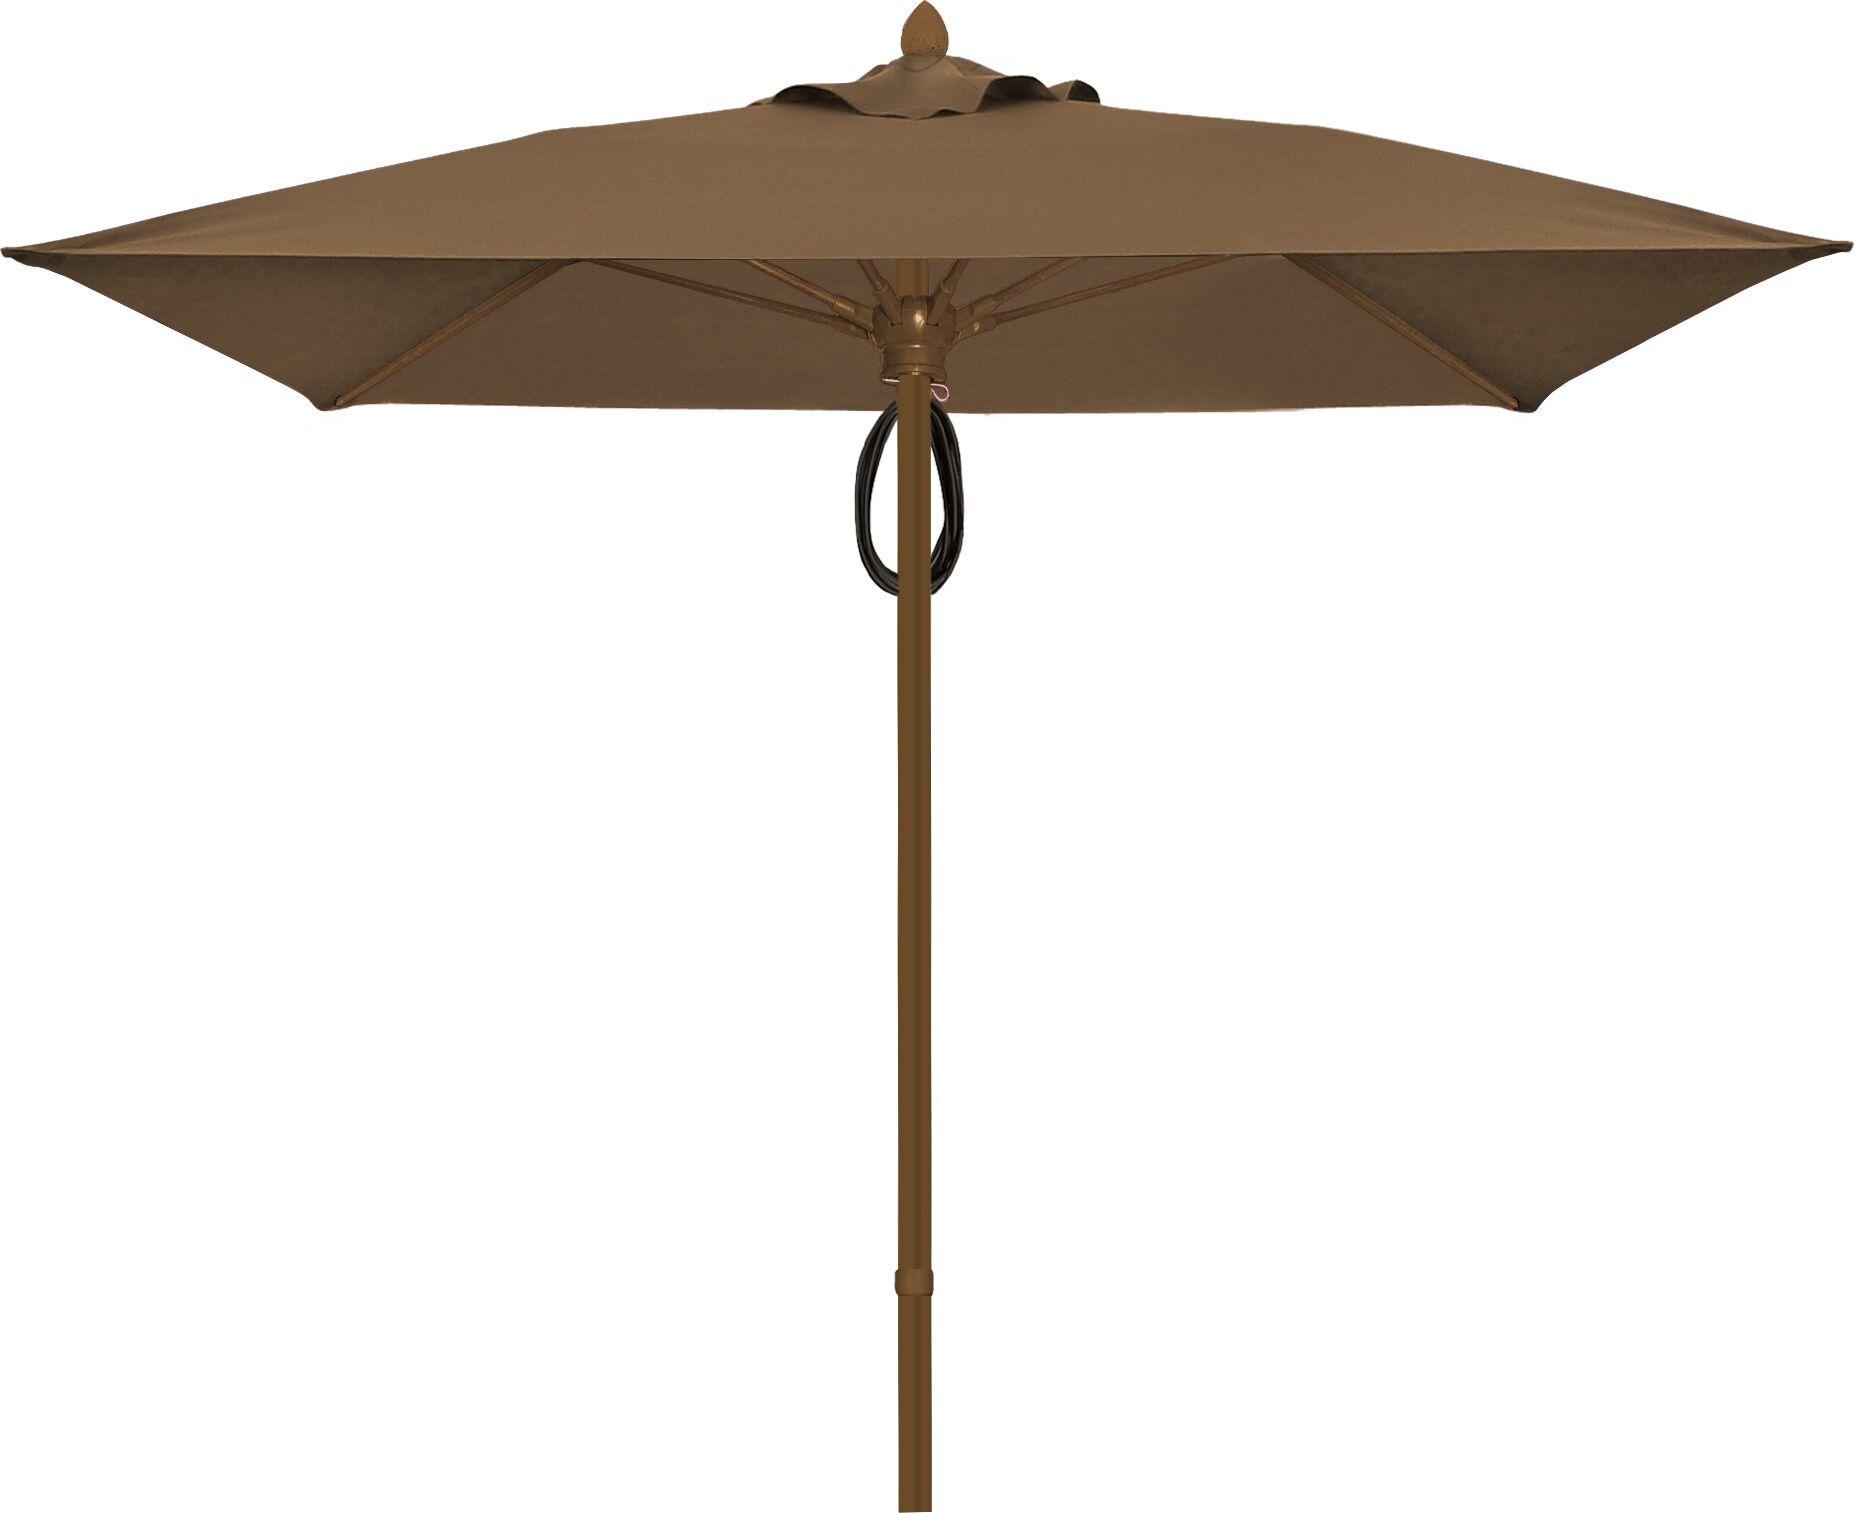 Prestige 6' Square Market Umbrella Frame Finish: White, Fabric: Cocoa